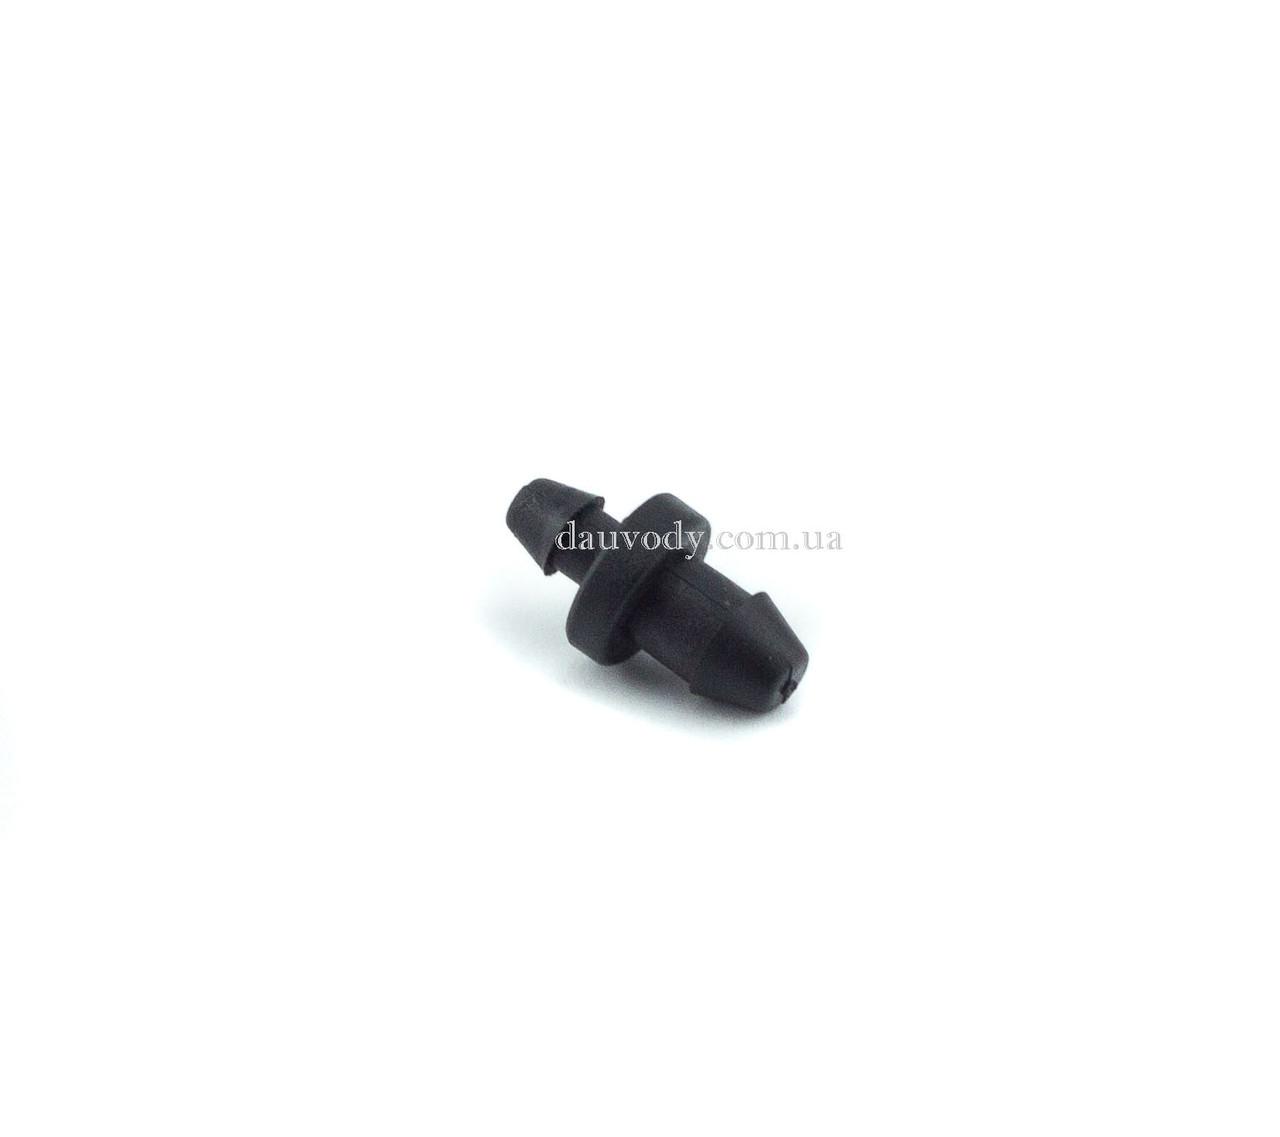 Заглушка 4- 7 мм для отверстий в капельной трубке